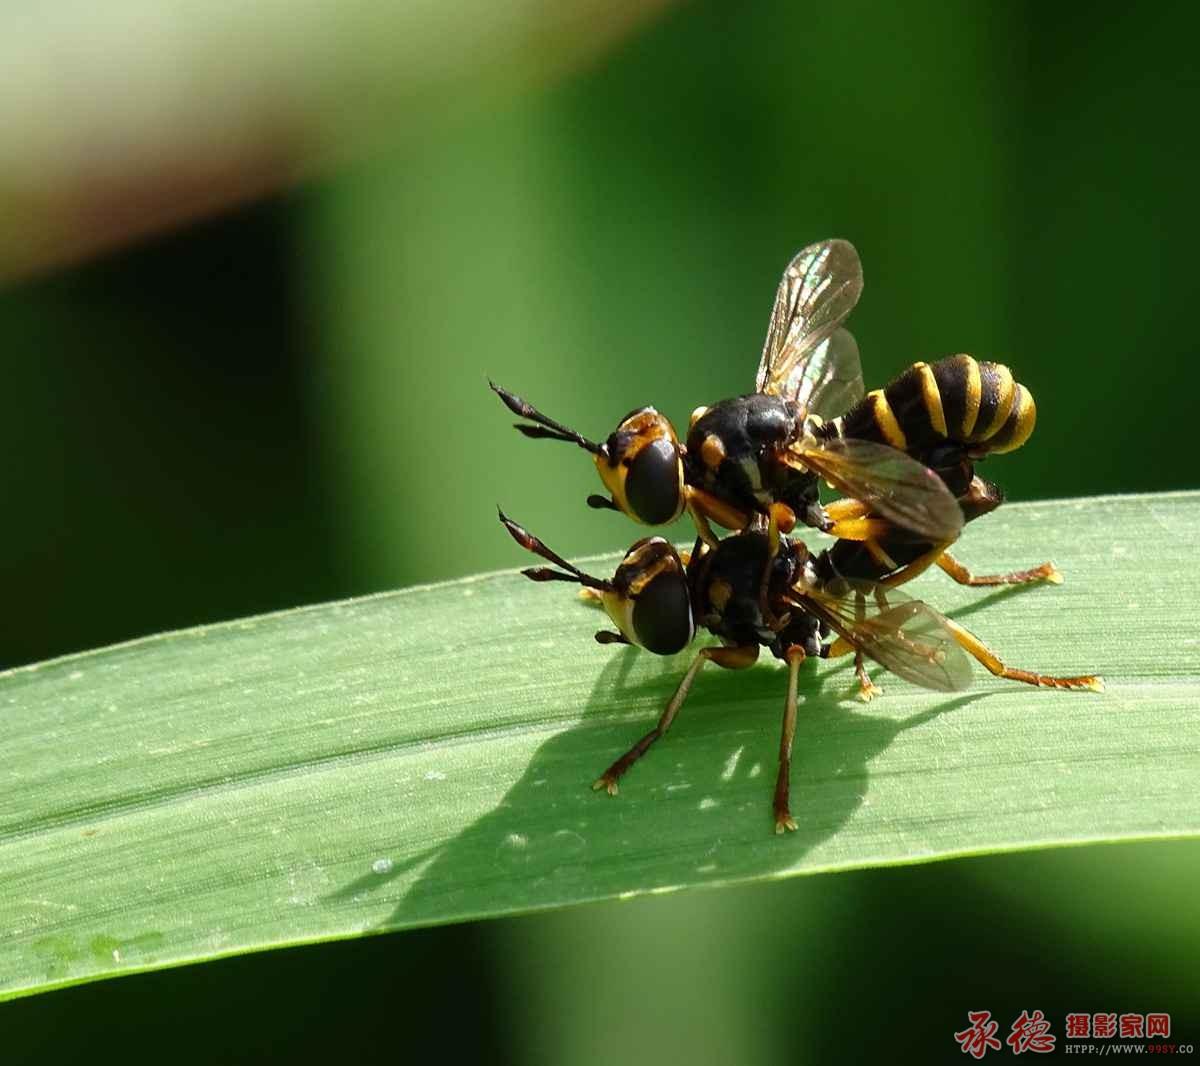 7.蚂蜂的春宫图-雪国